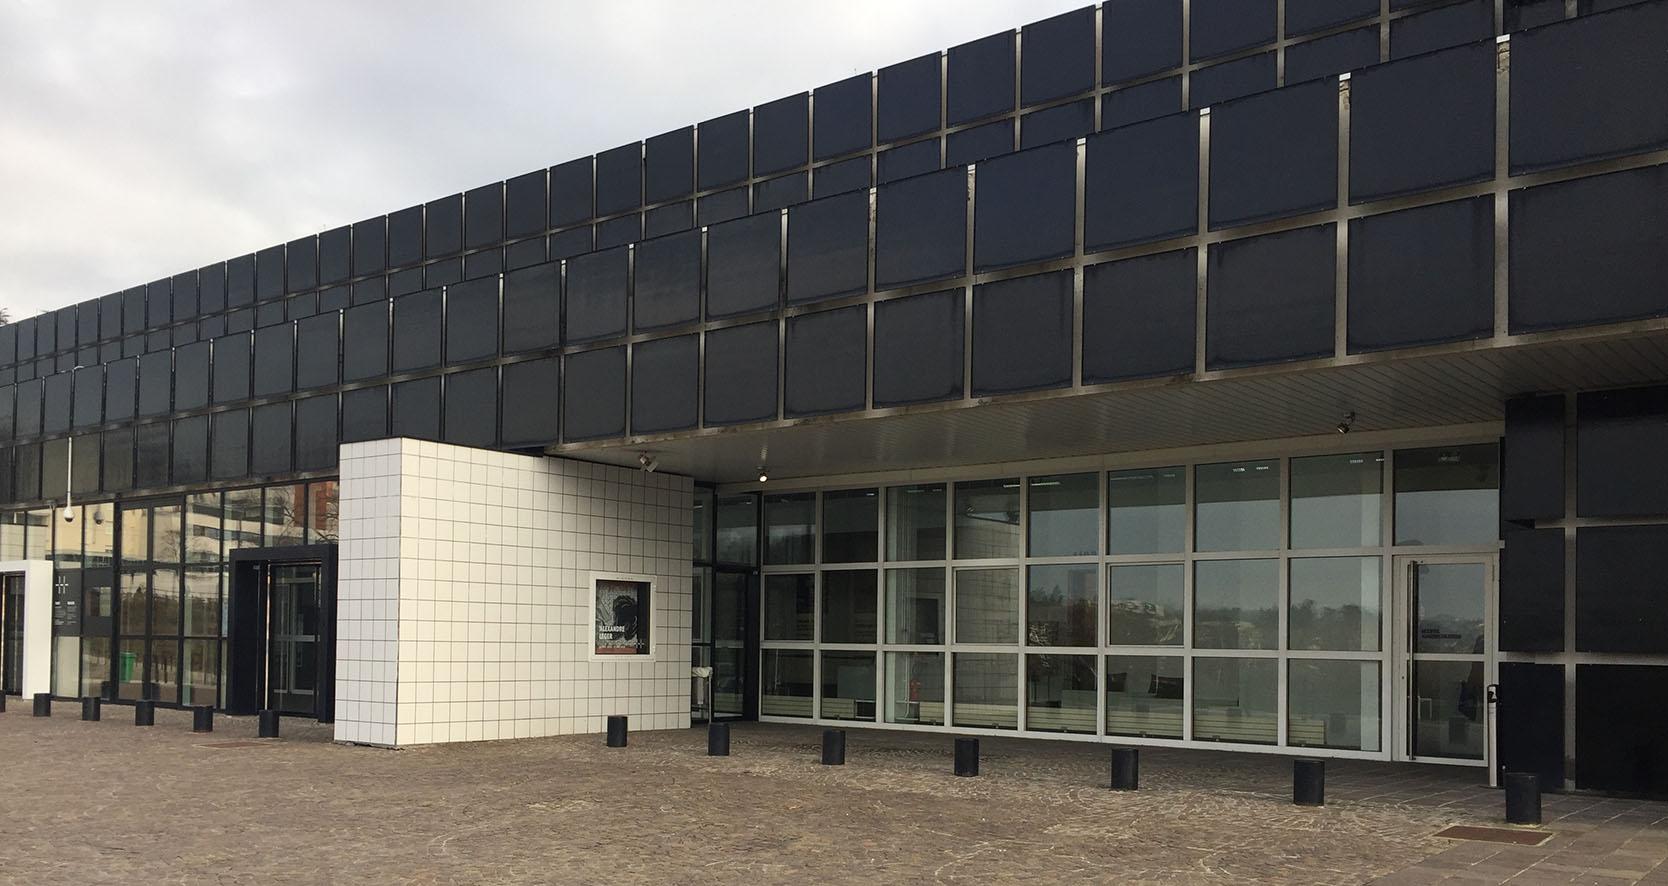 Musée d'art moderne et contemporain- Saint Etienne